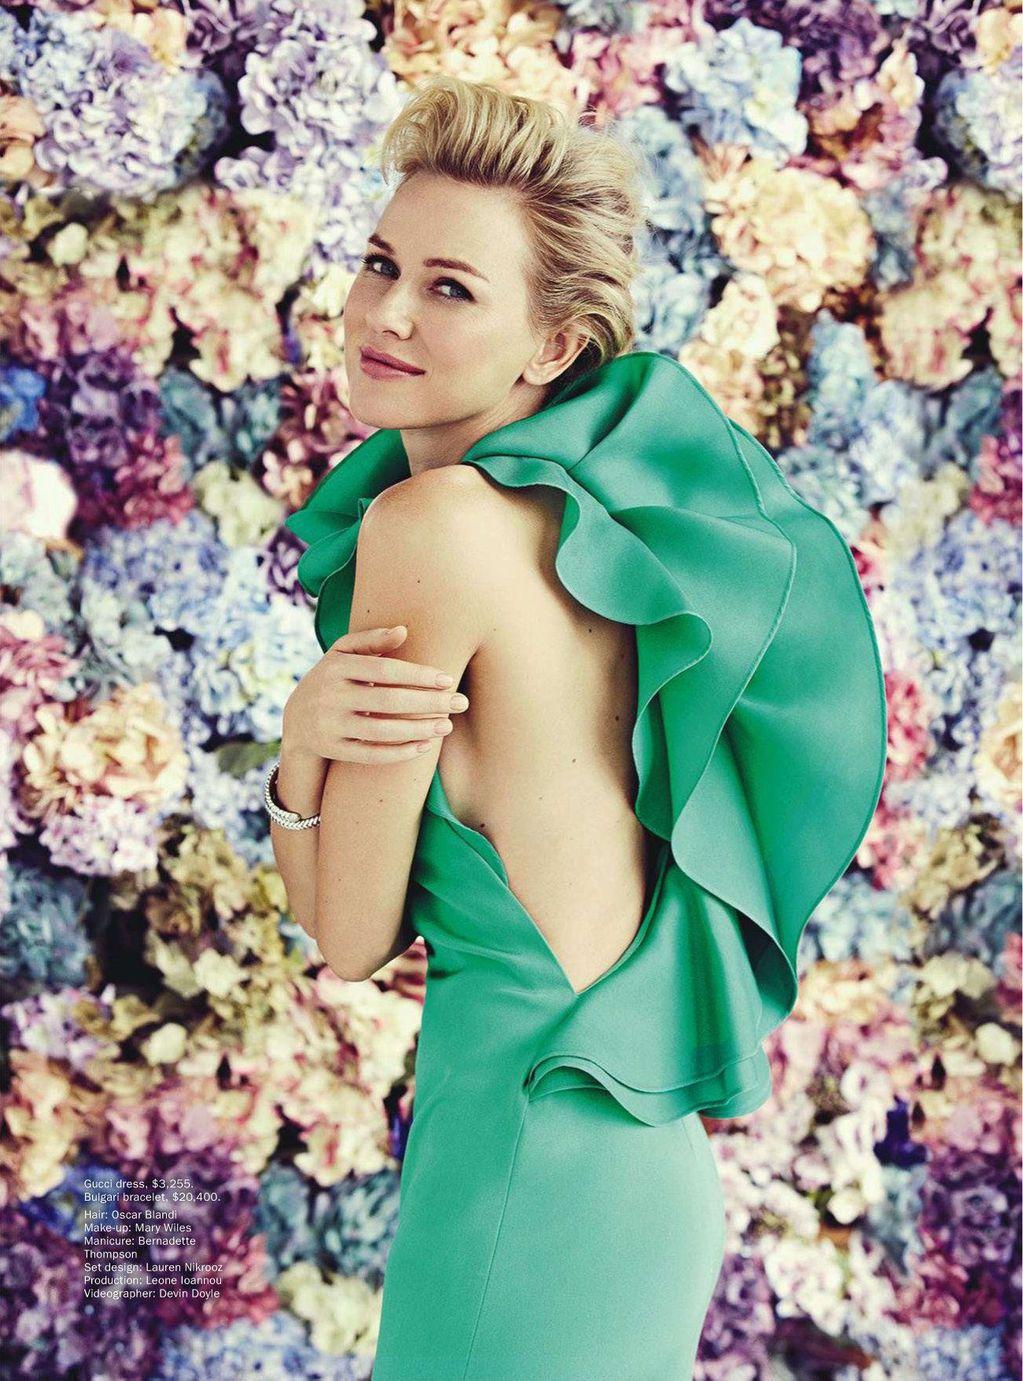 Naomi_Davidson_Vogue_Australia_February_2013_08